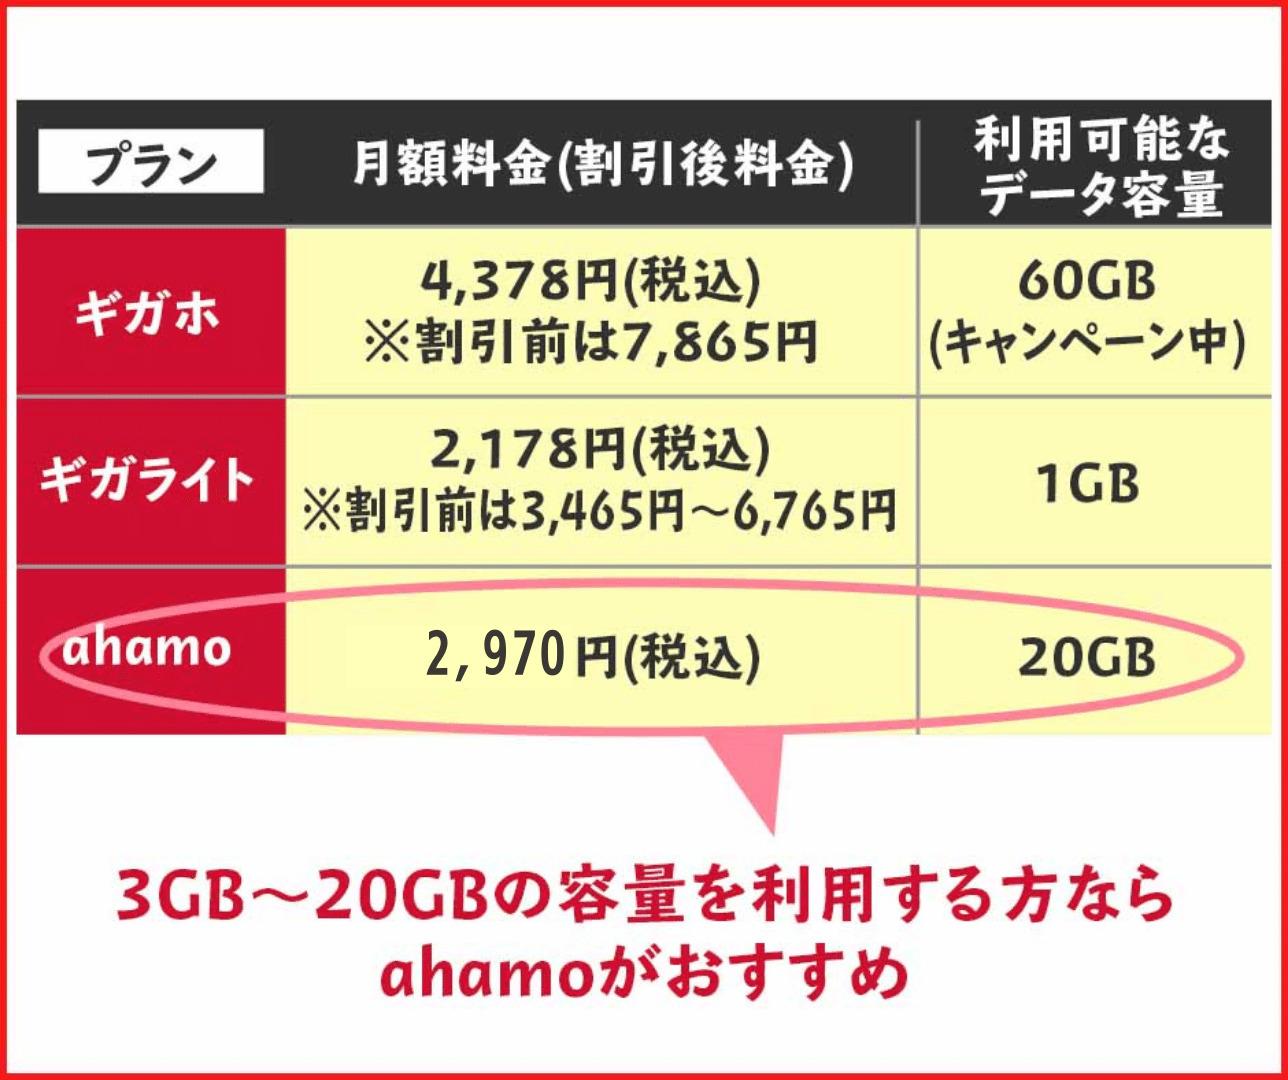 ドコモの新料金プランとahamoの料金プランを比較